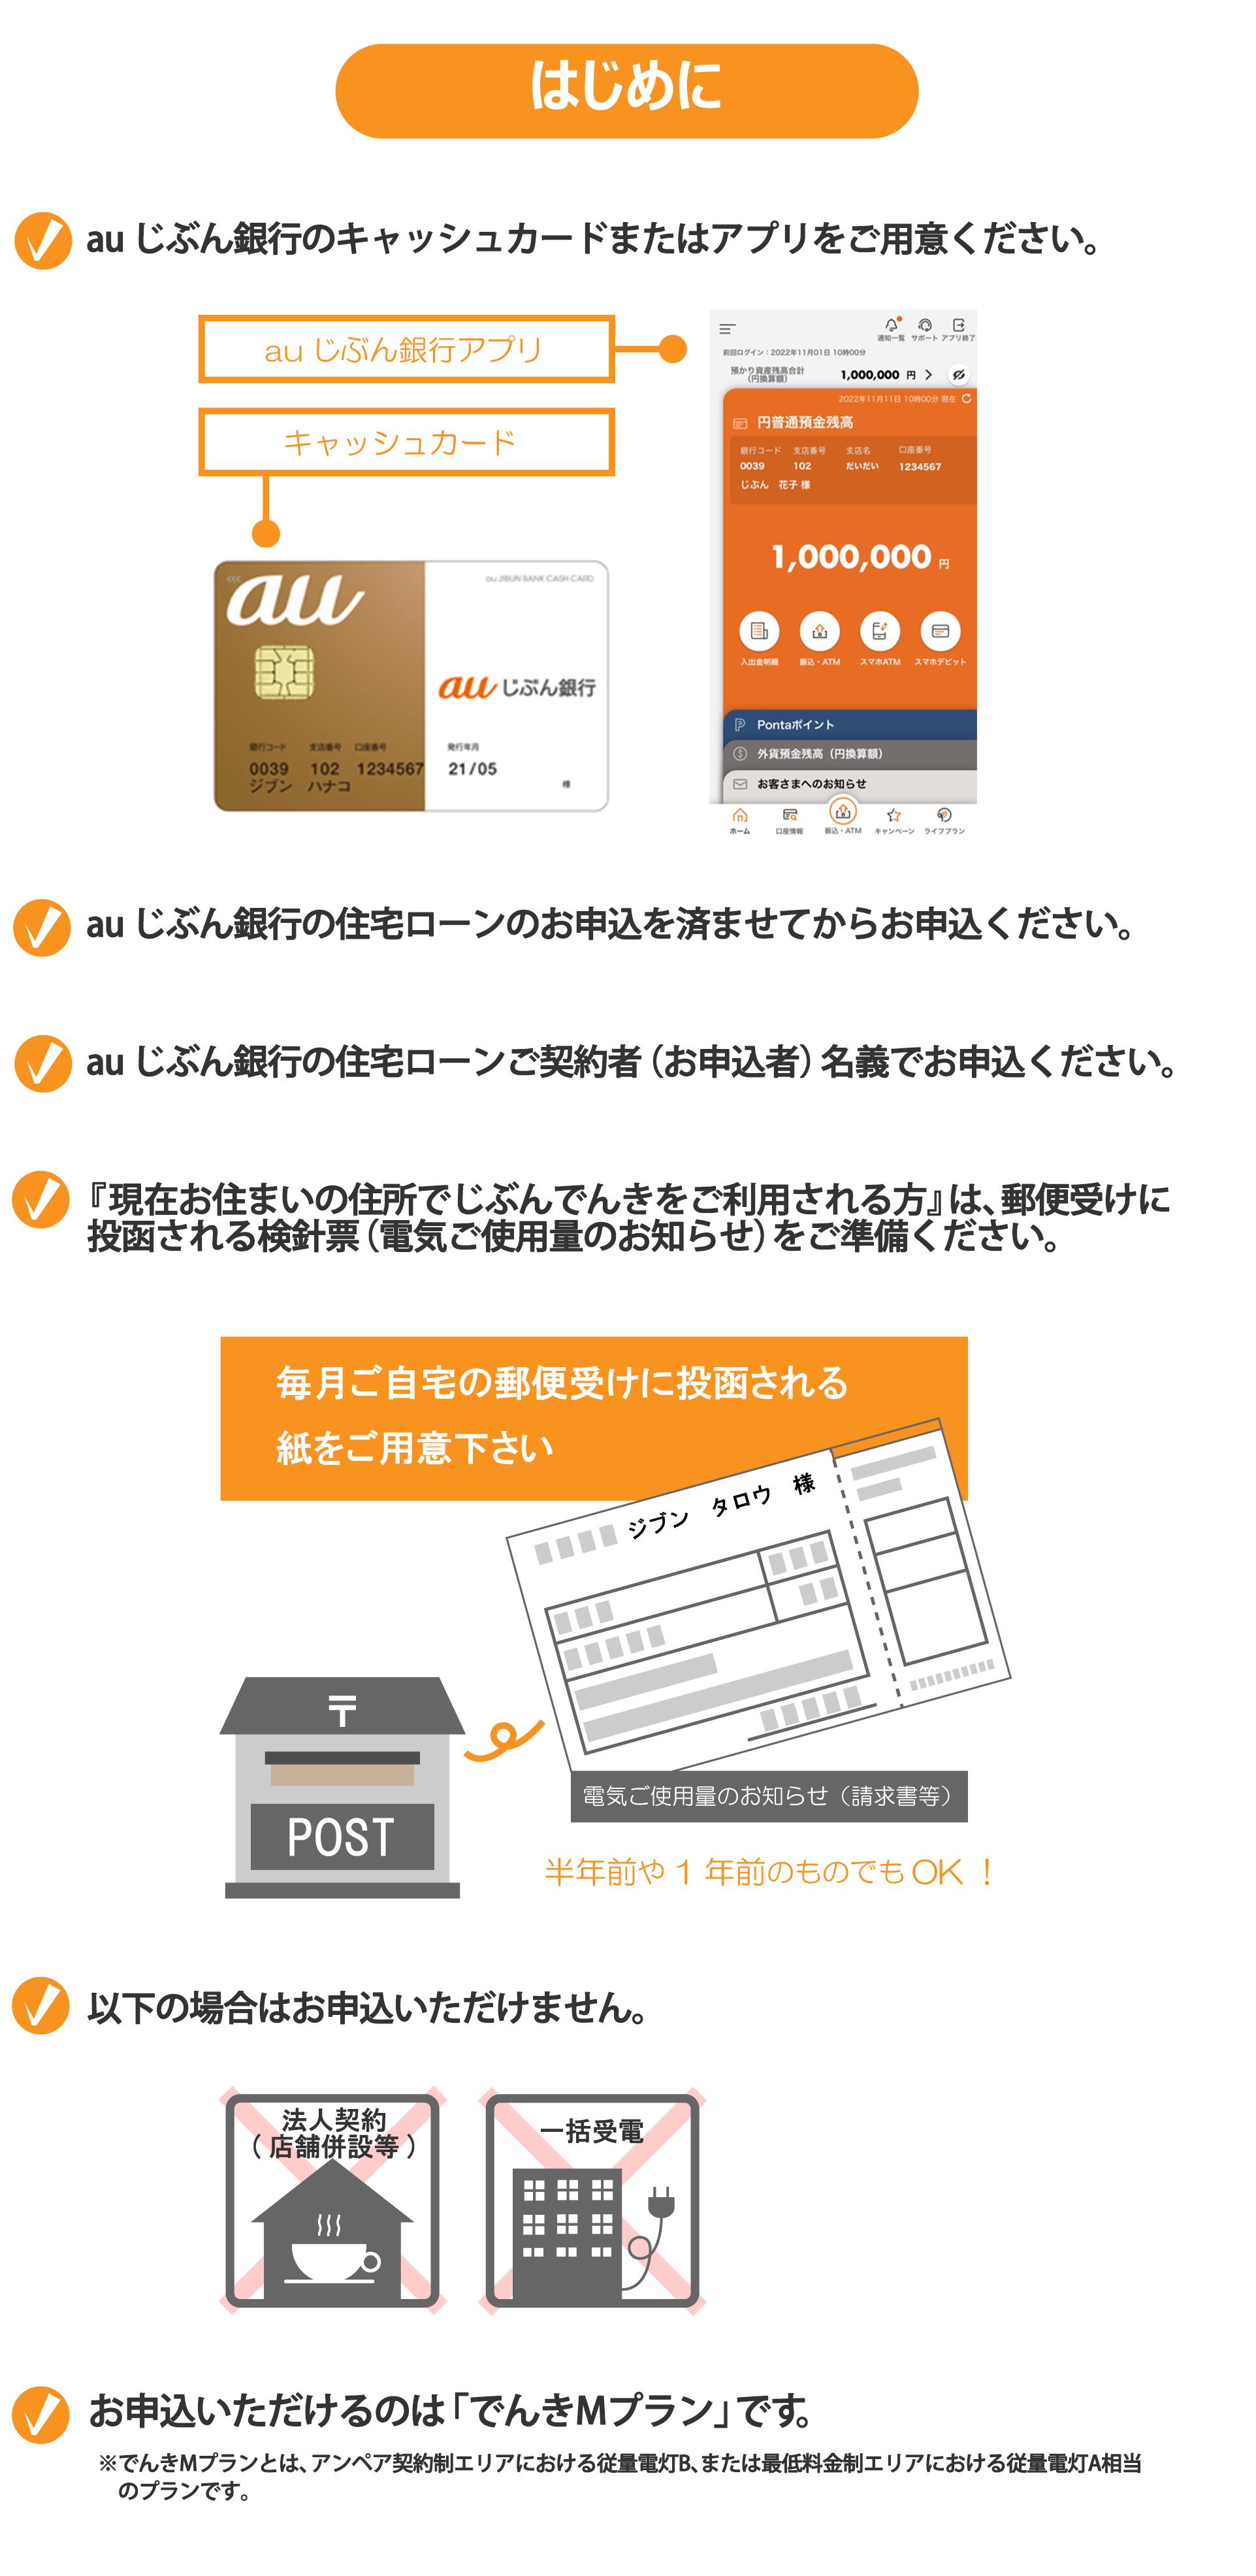 じ銀申込条件topページ